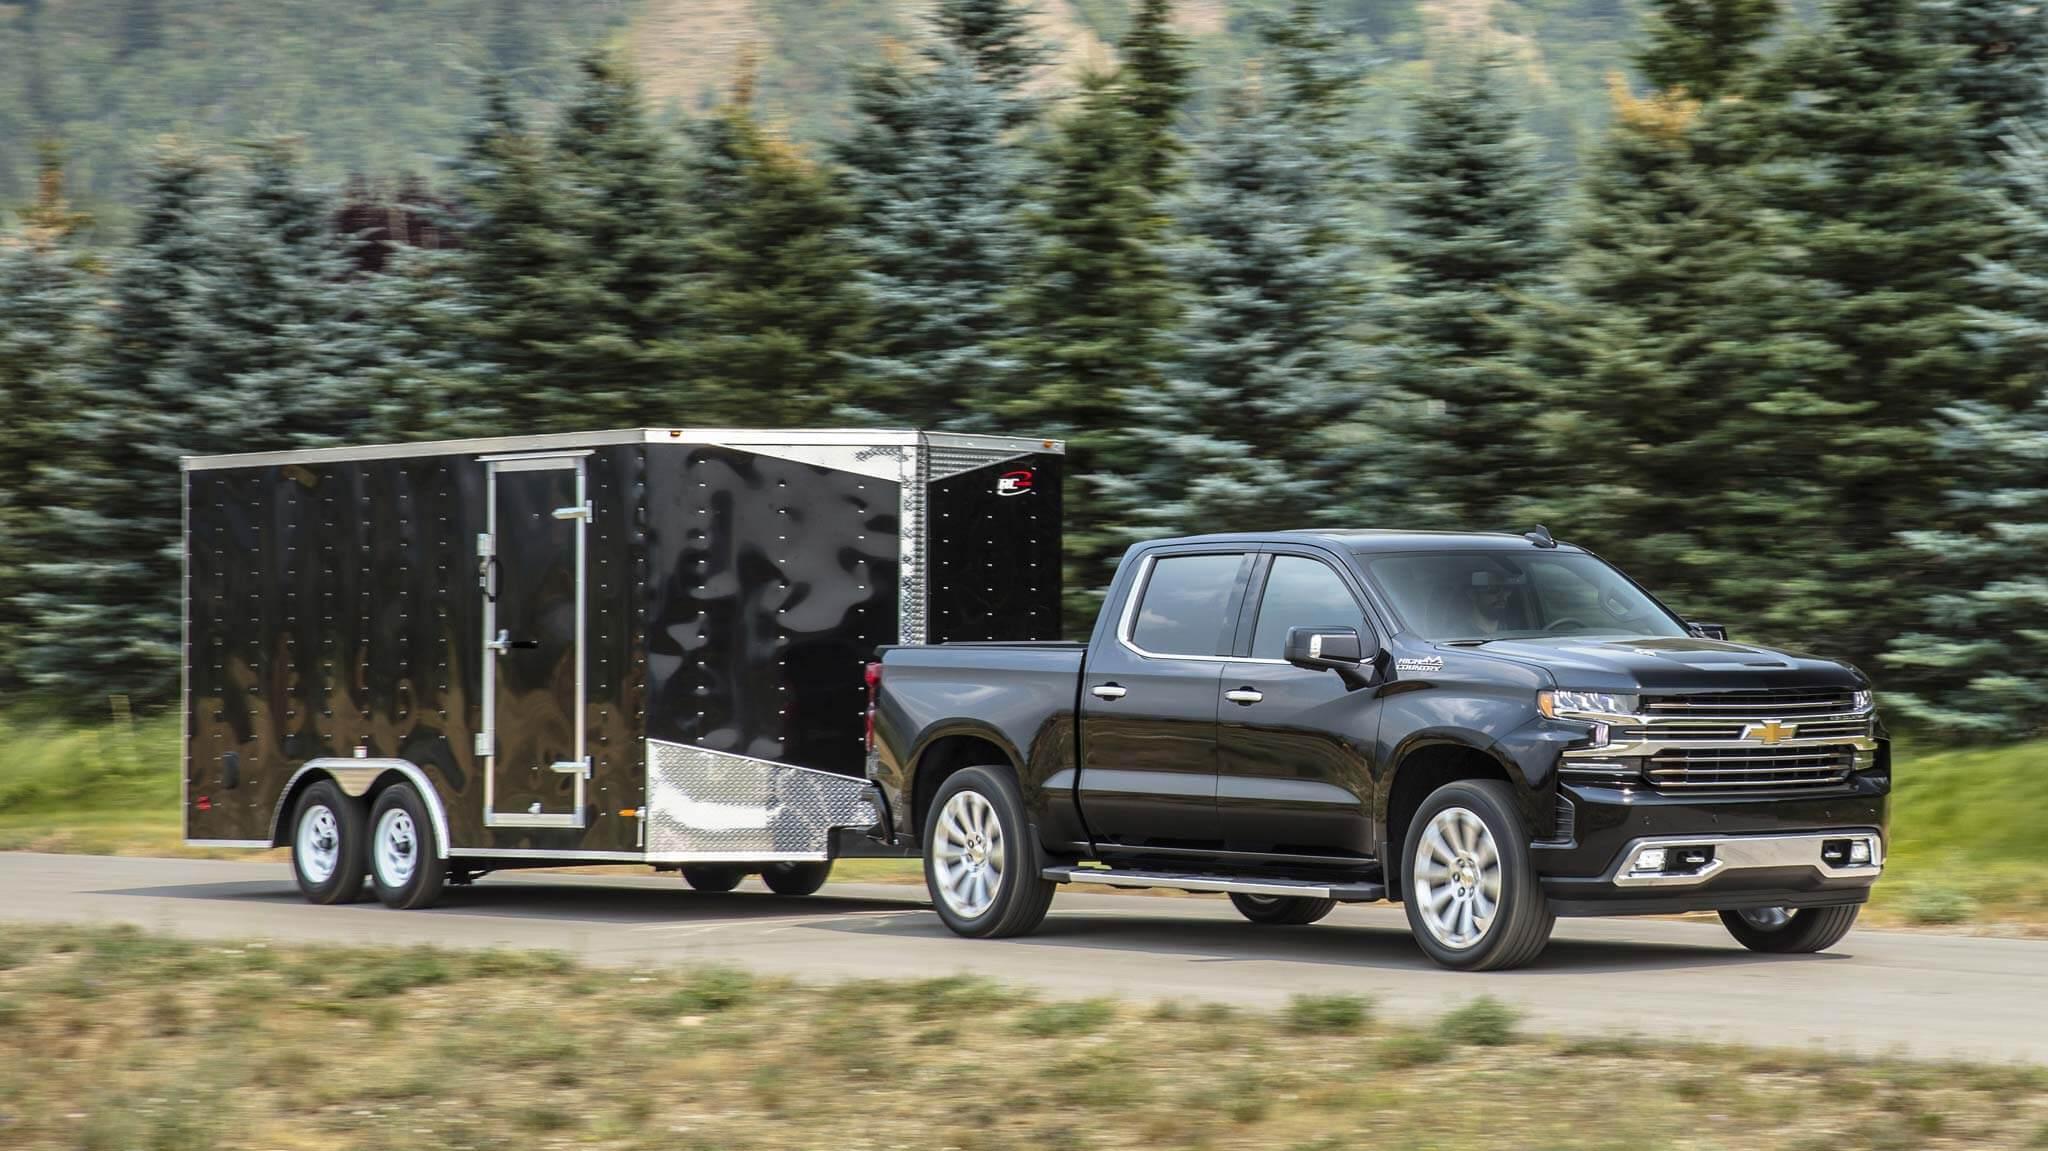 The All-New 2019 Chevrolet Silverado 1500